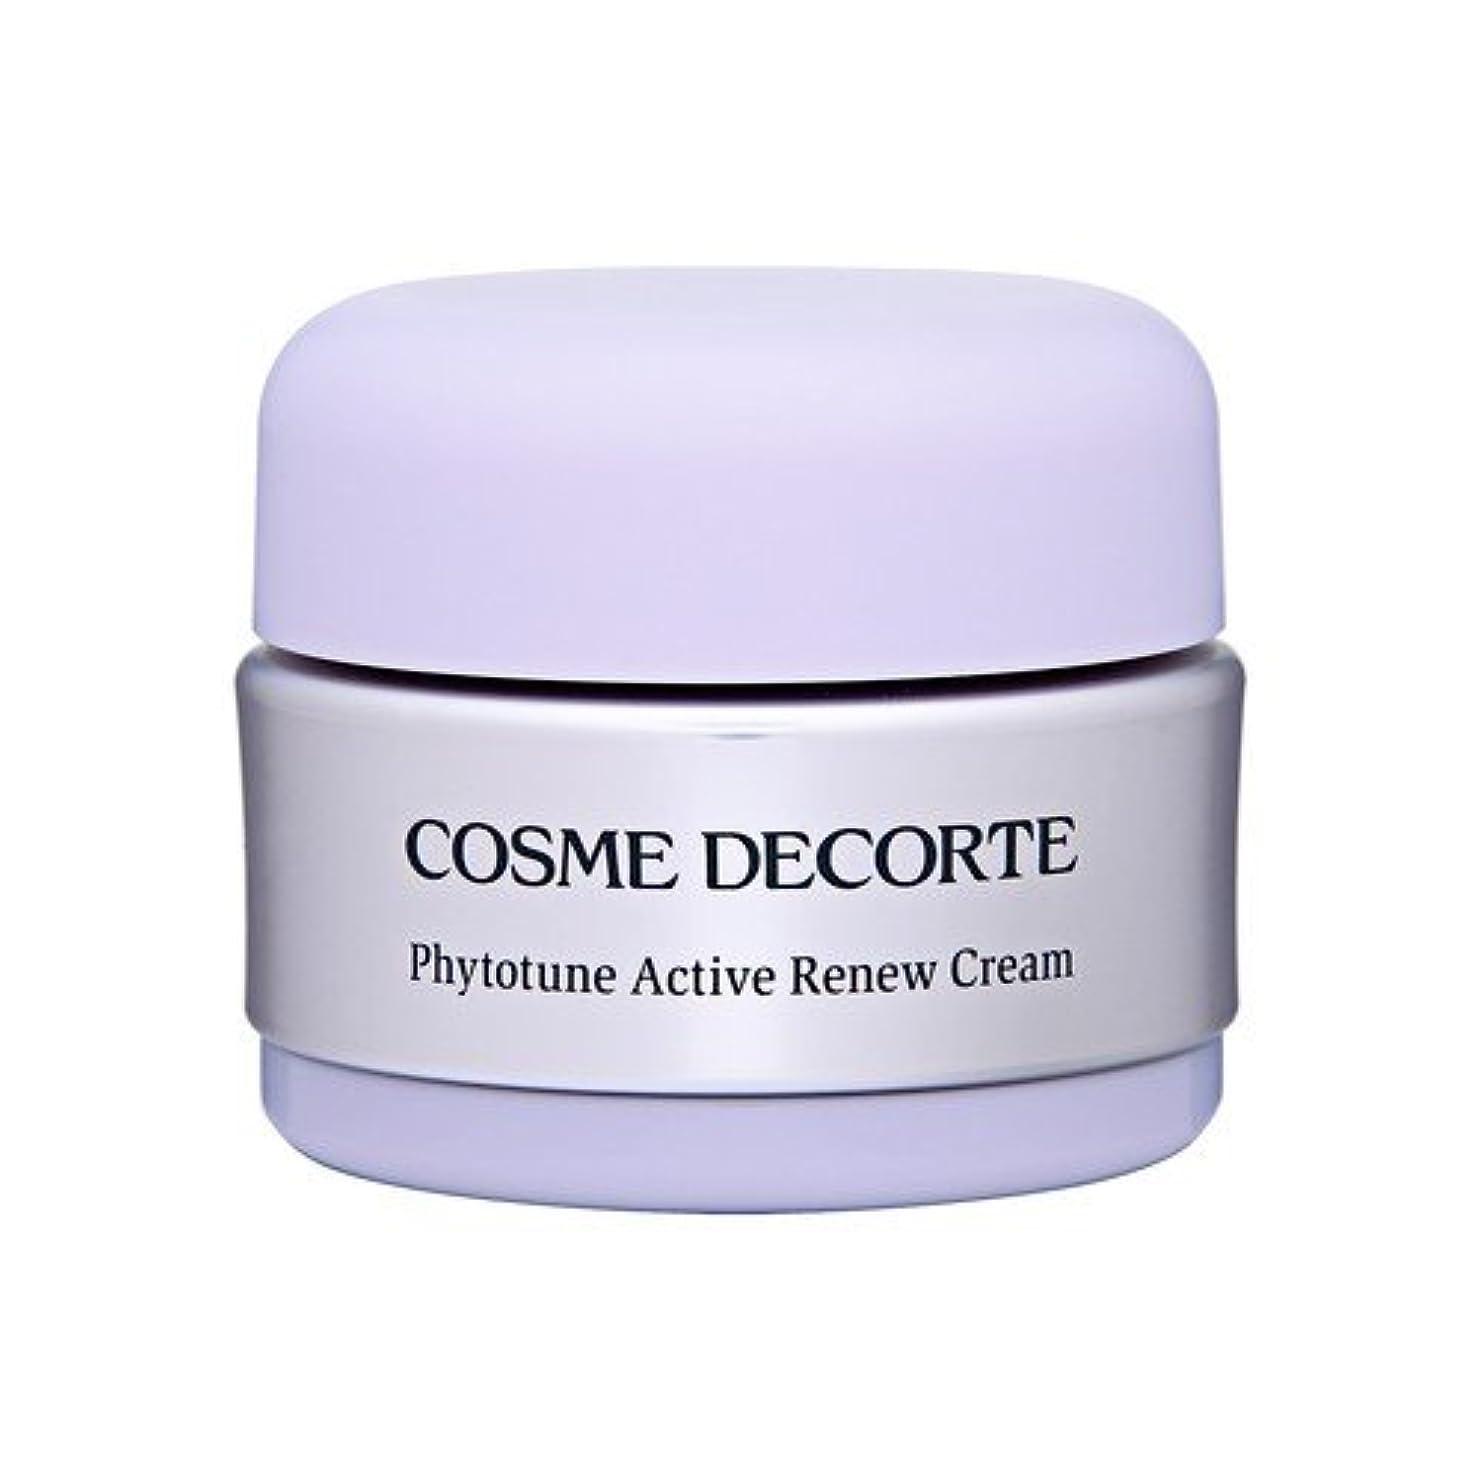 彼の究極の無効コスメ デコルテ(COSME DECORTE) フィトチューンアクティブリニュークリーム 30g [364491][並行輸入品]